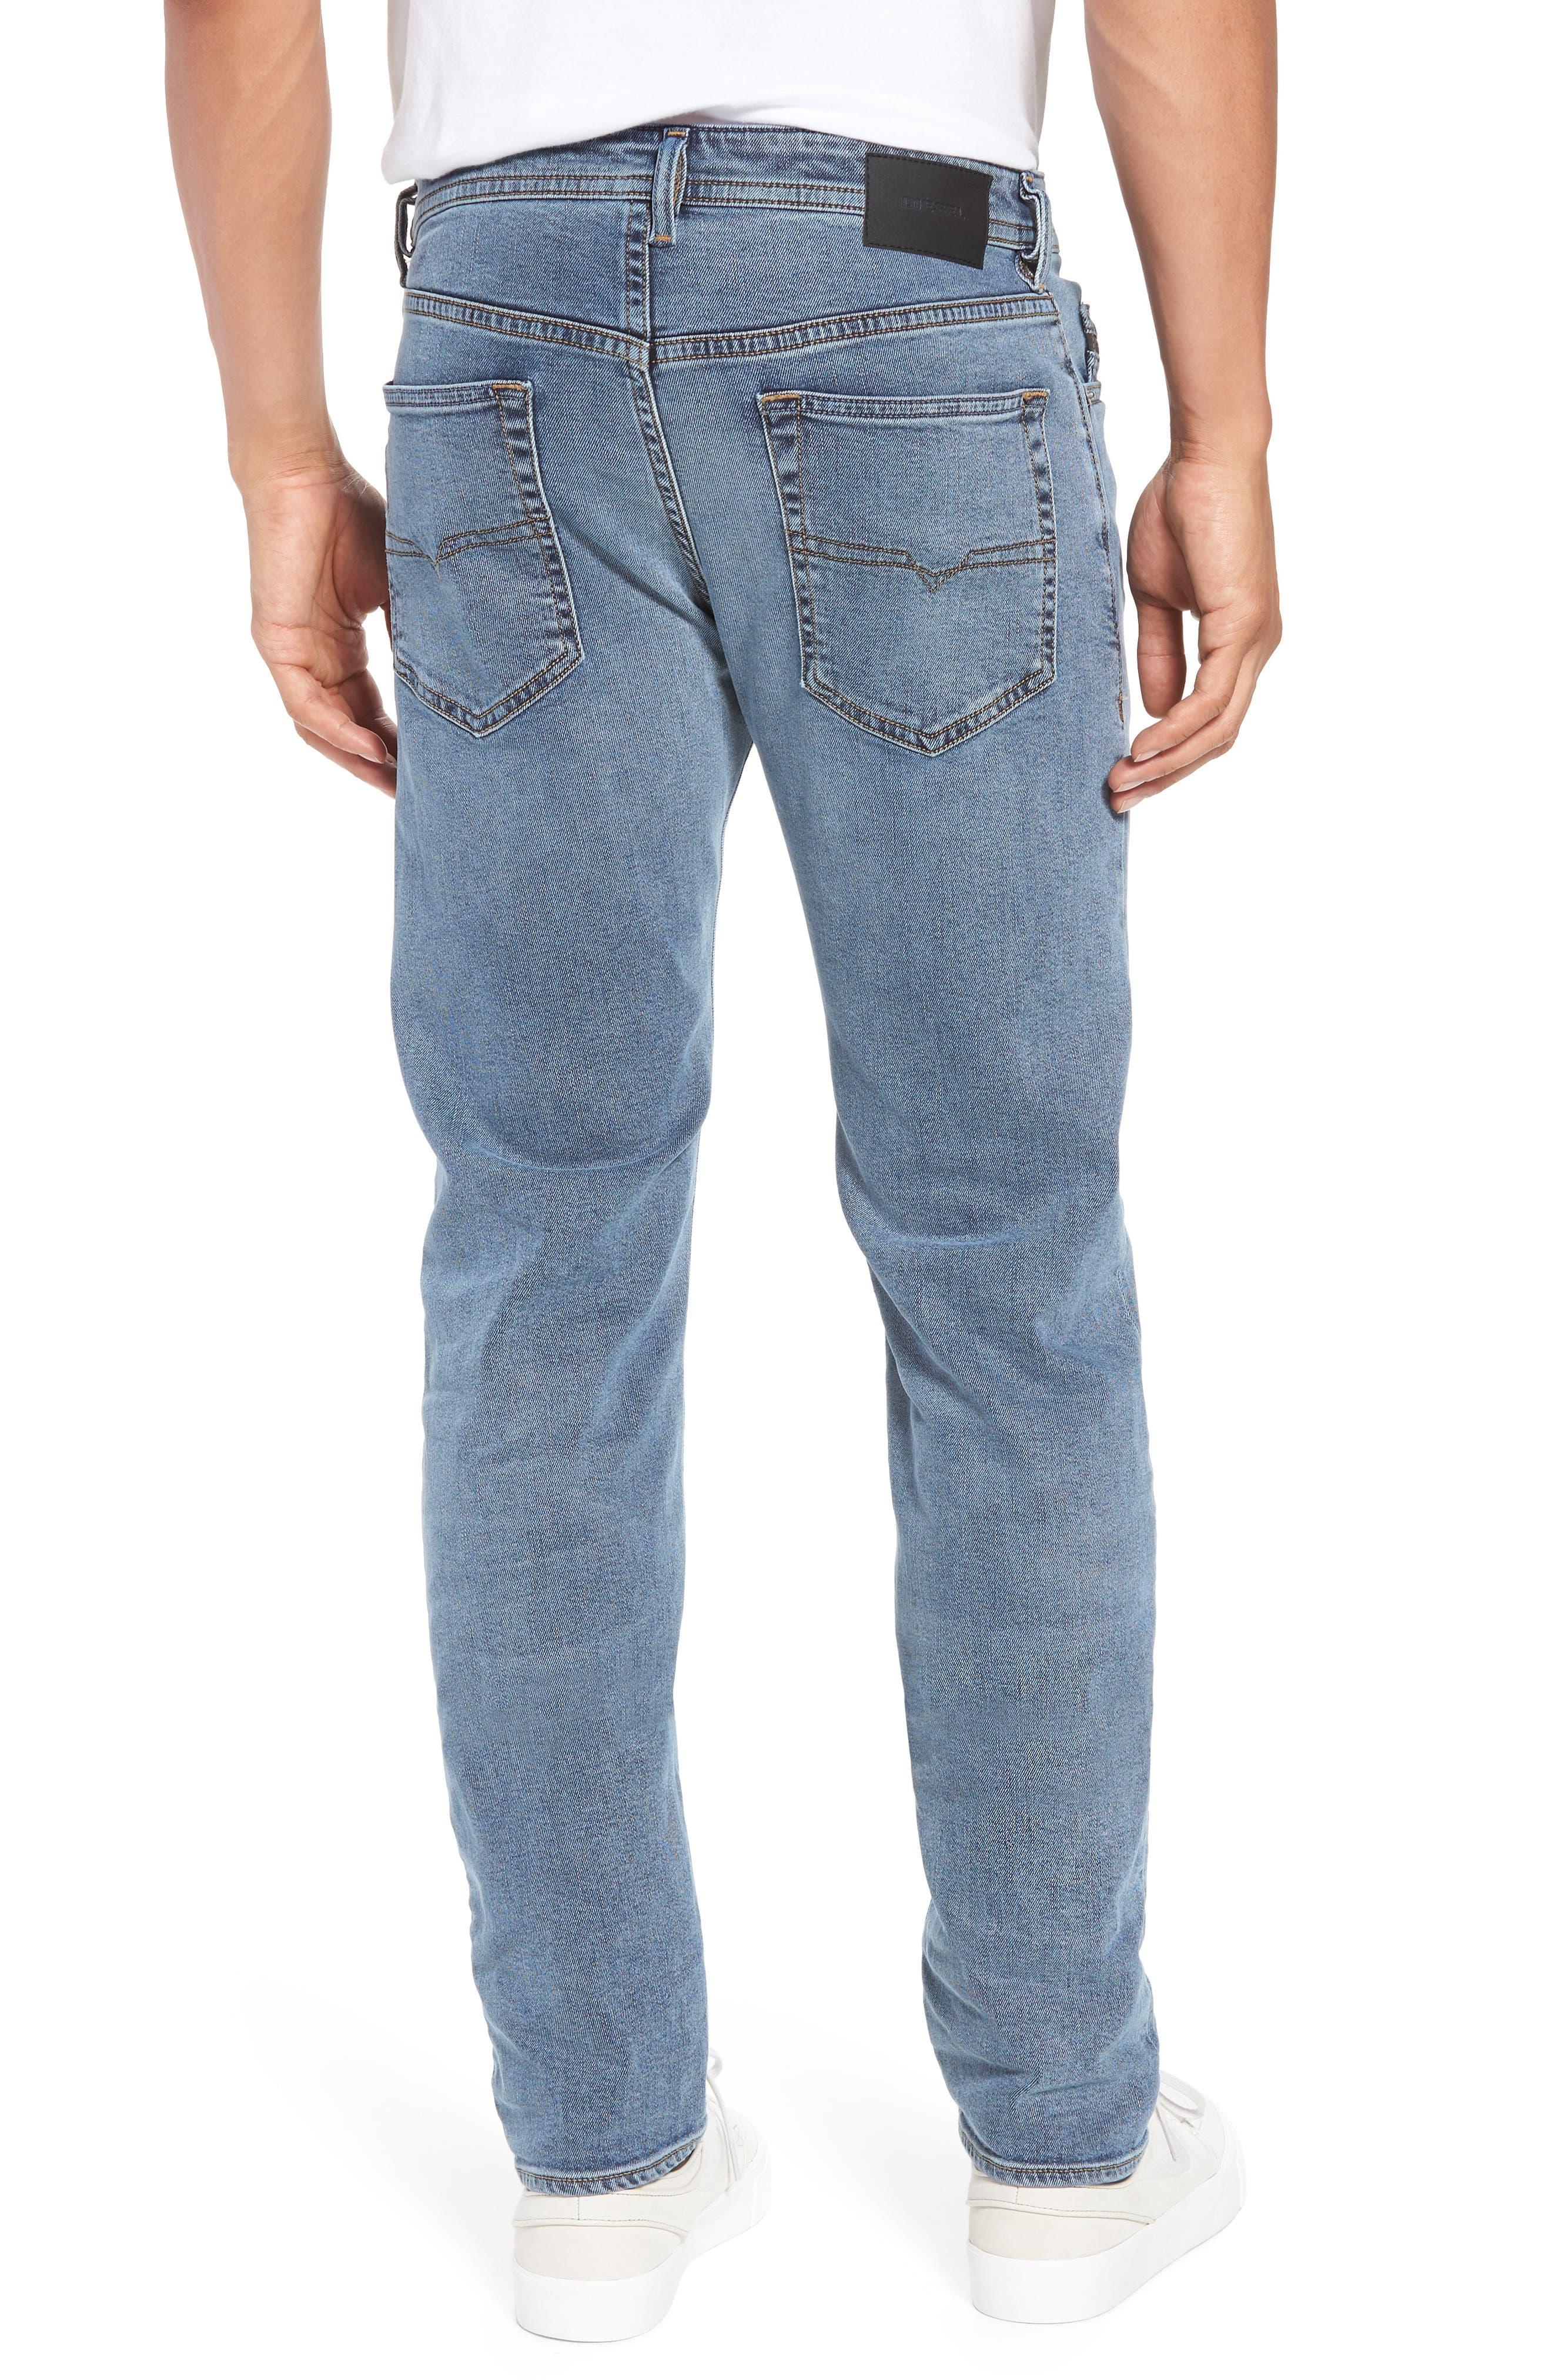 Buster Slim Straight Leg Jeans,                             Alternate thumbnail 2, color,                             084Sj